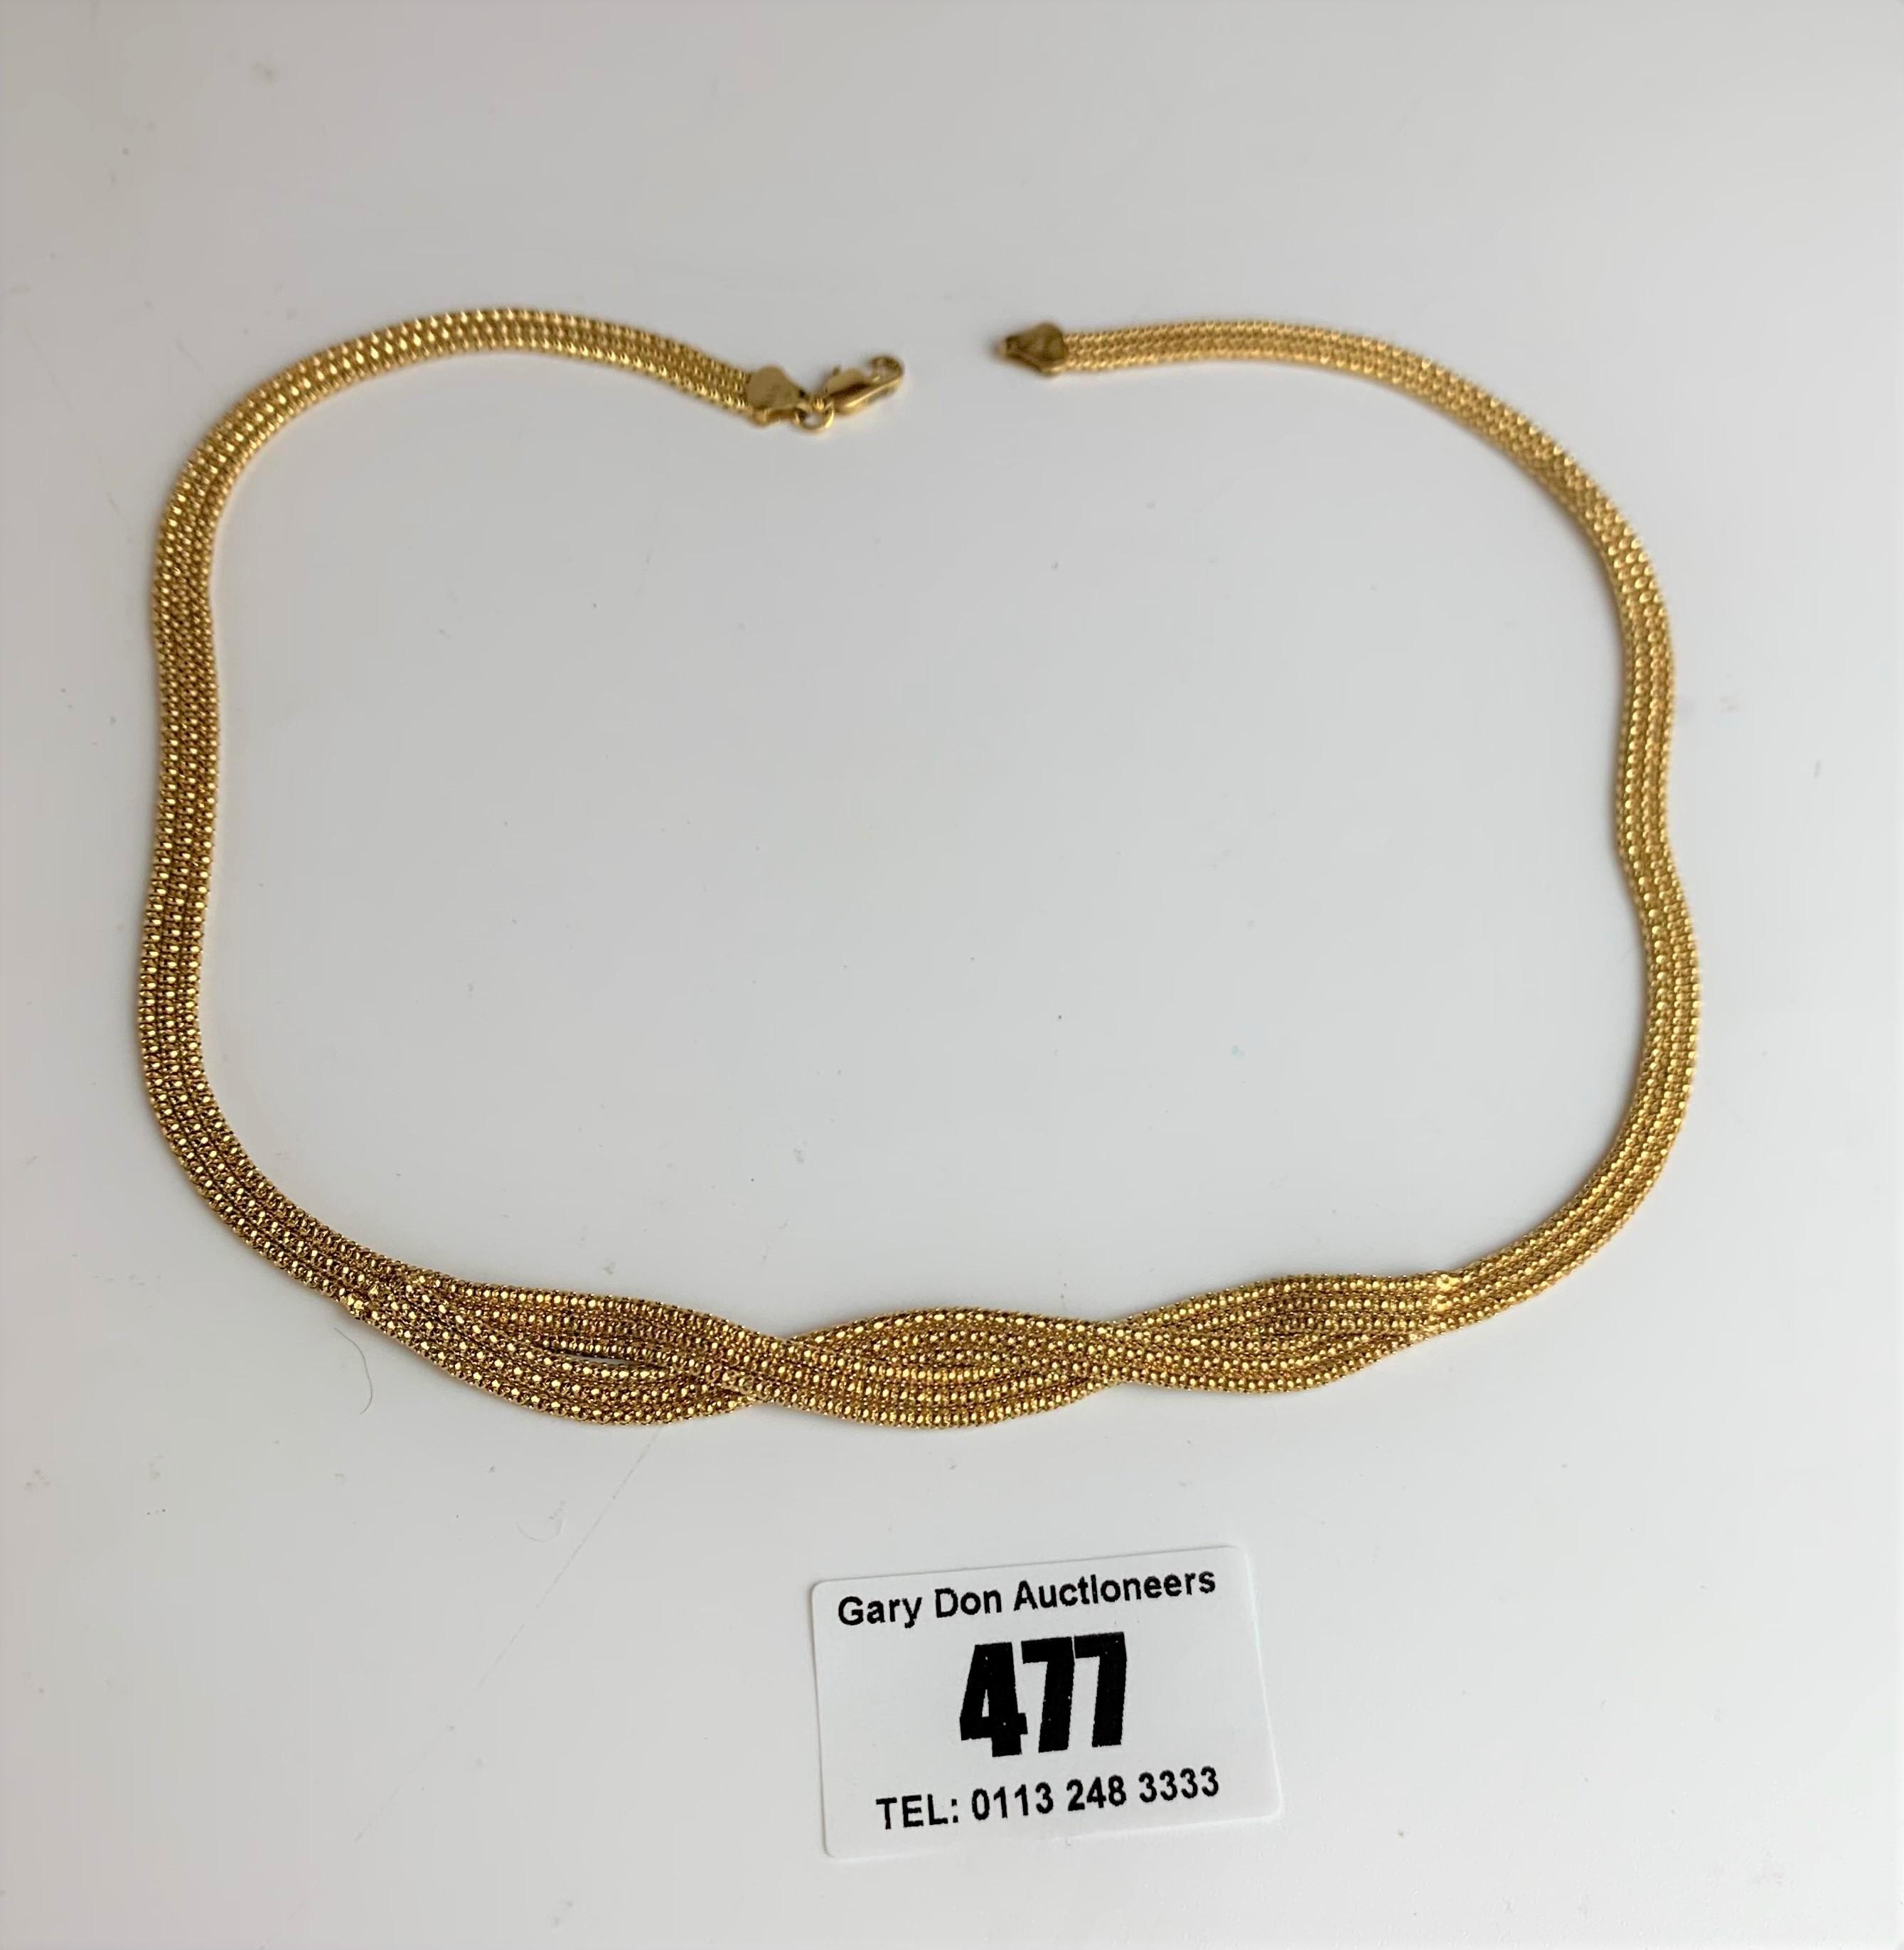 """9k gold necklace, length 16.5"""", w: 11.4 gms"""